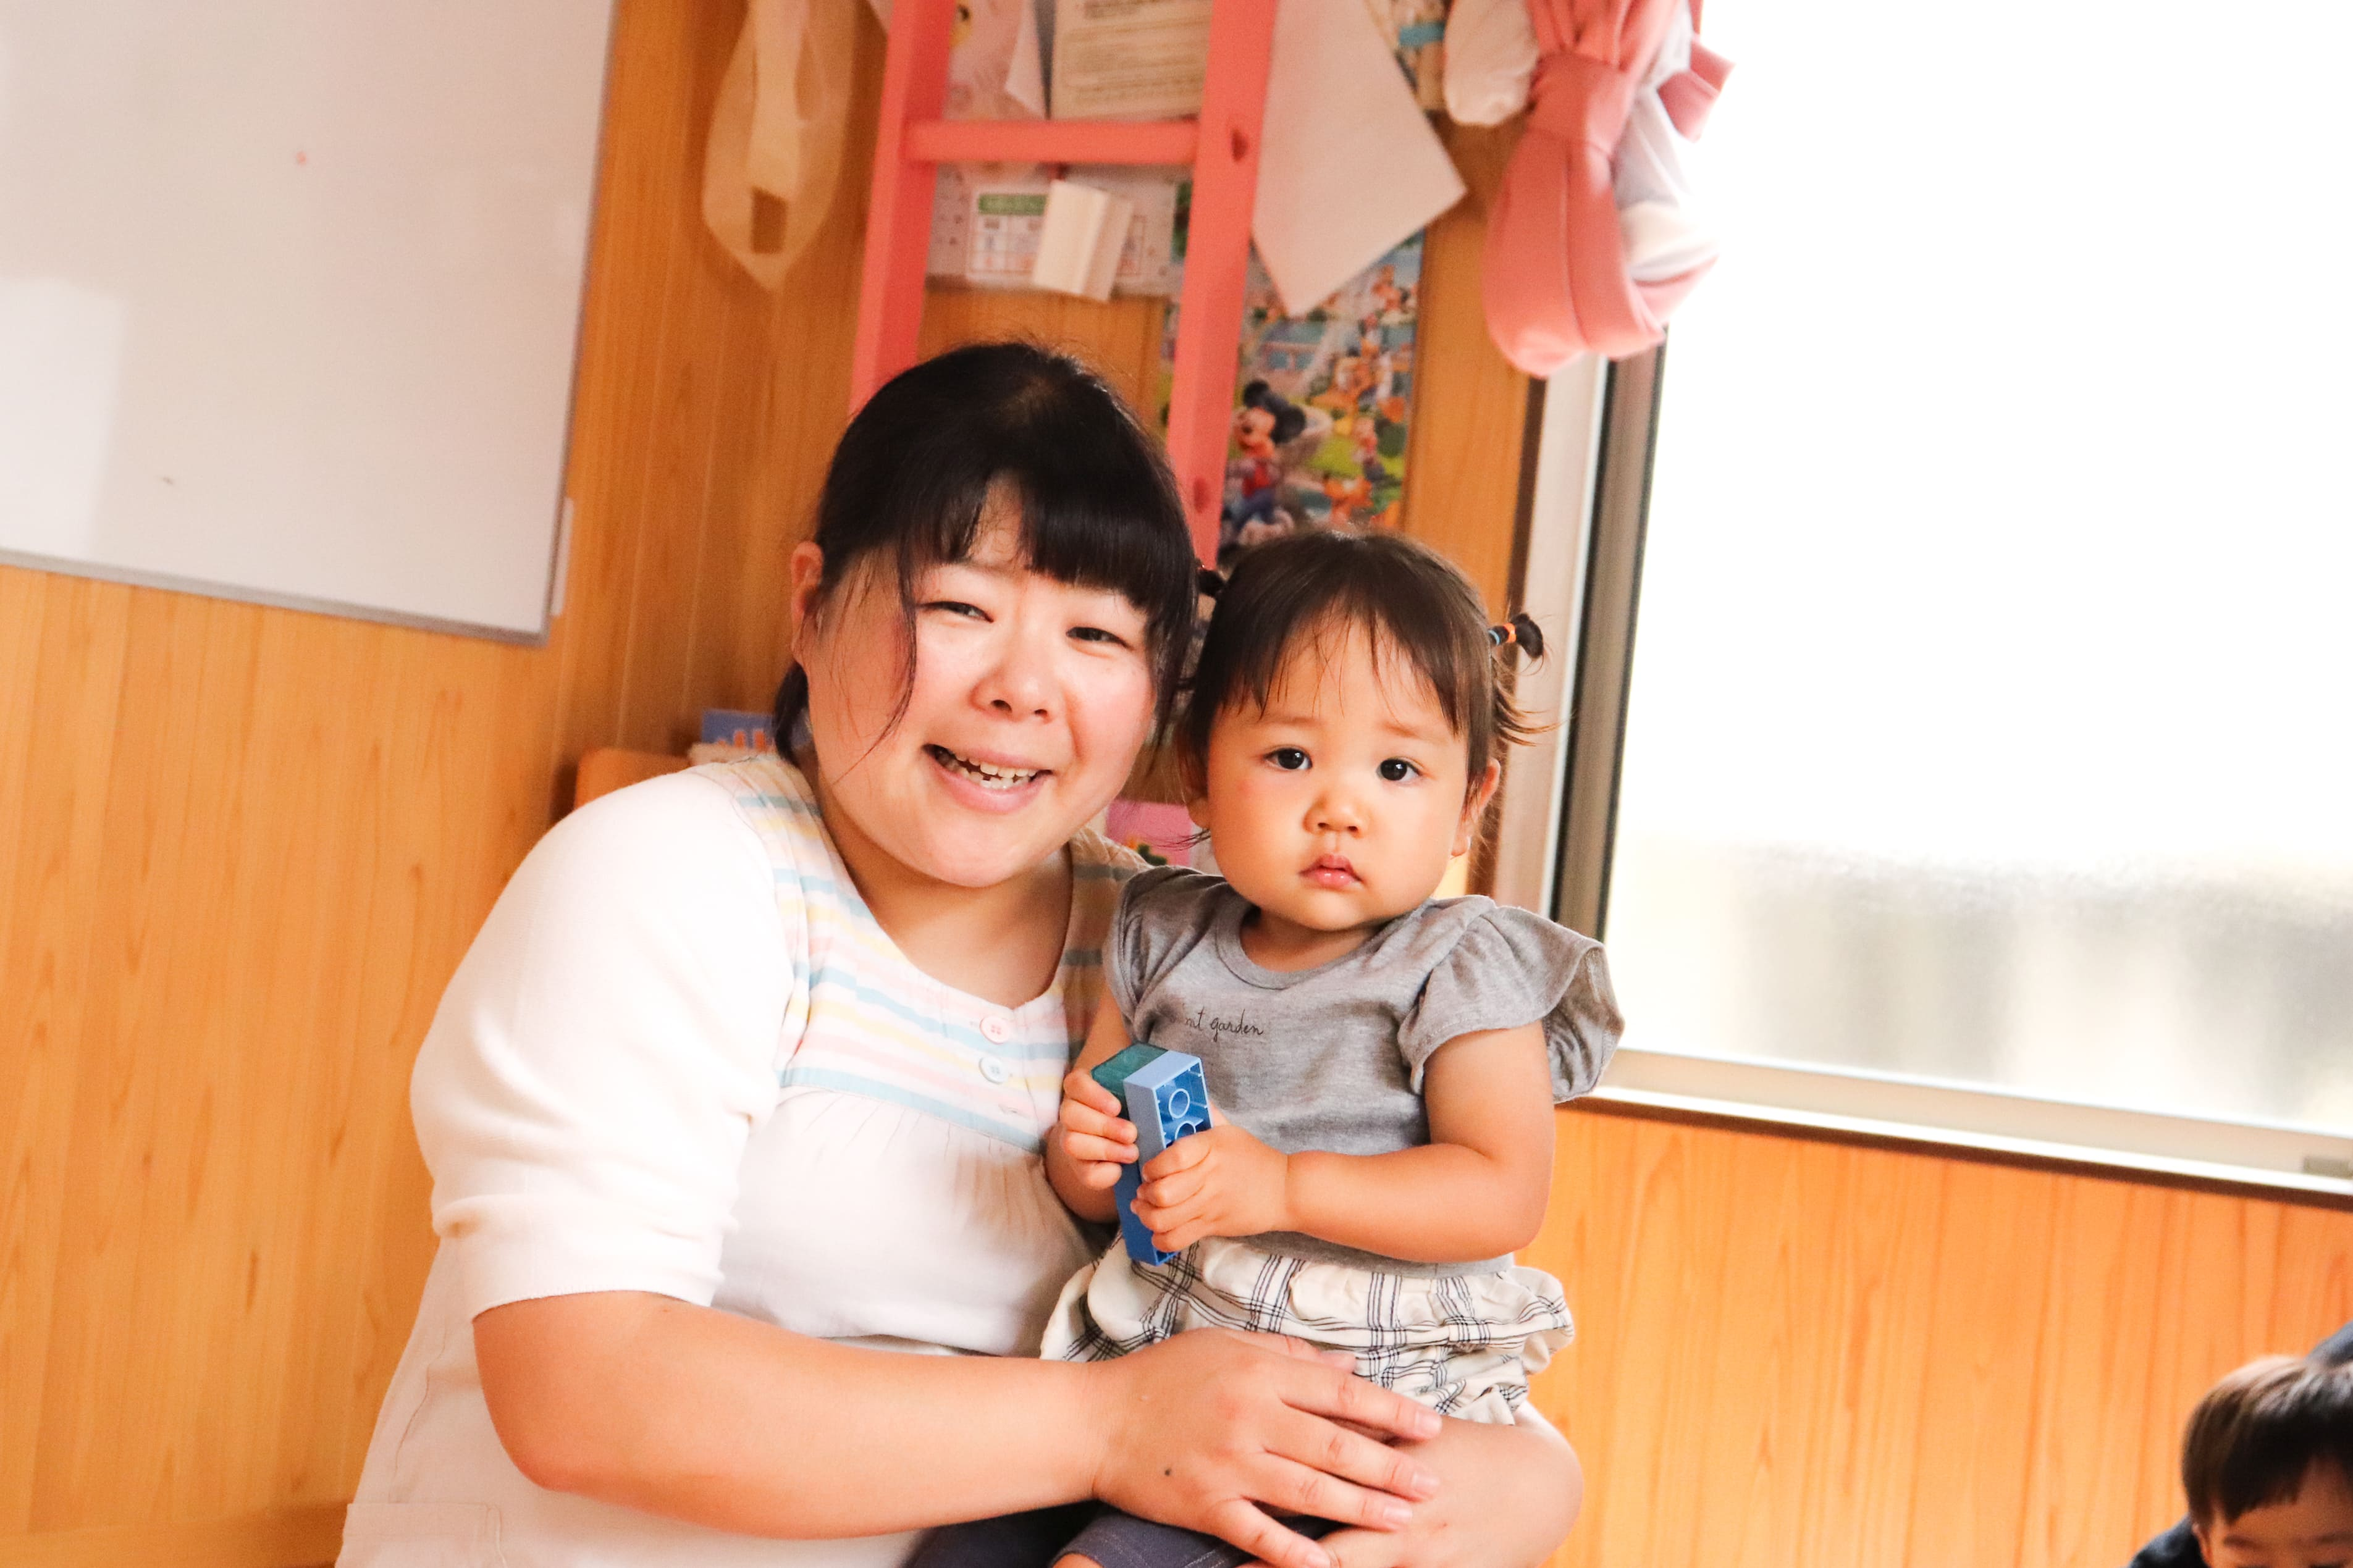 認可保育と認可外保育、それぞれのメリットを生かした育児サポートを